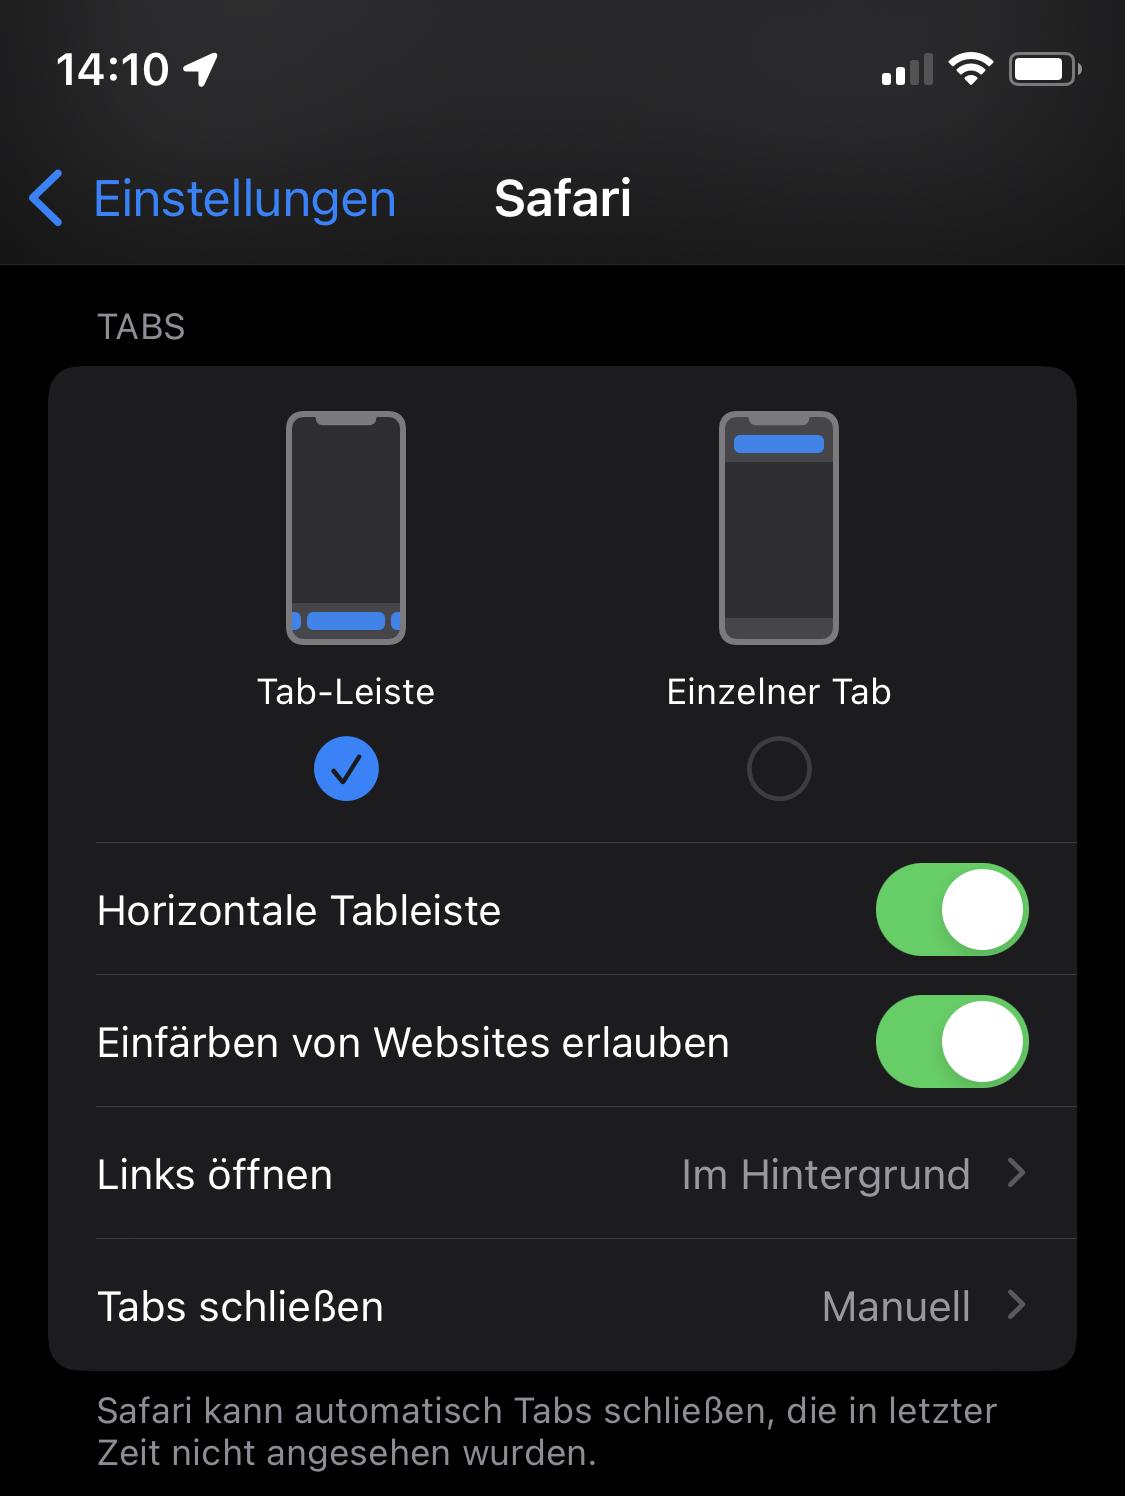 iOS 15 (Safari): Tabs-Einstellungen